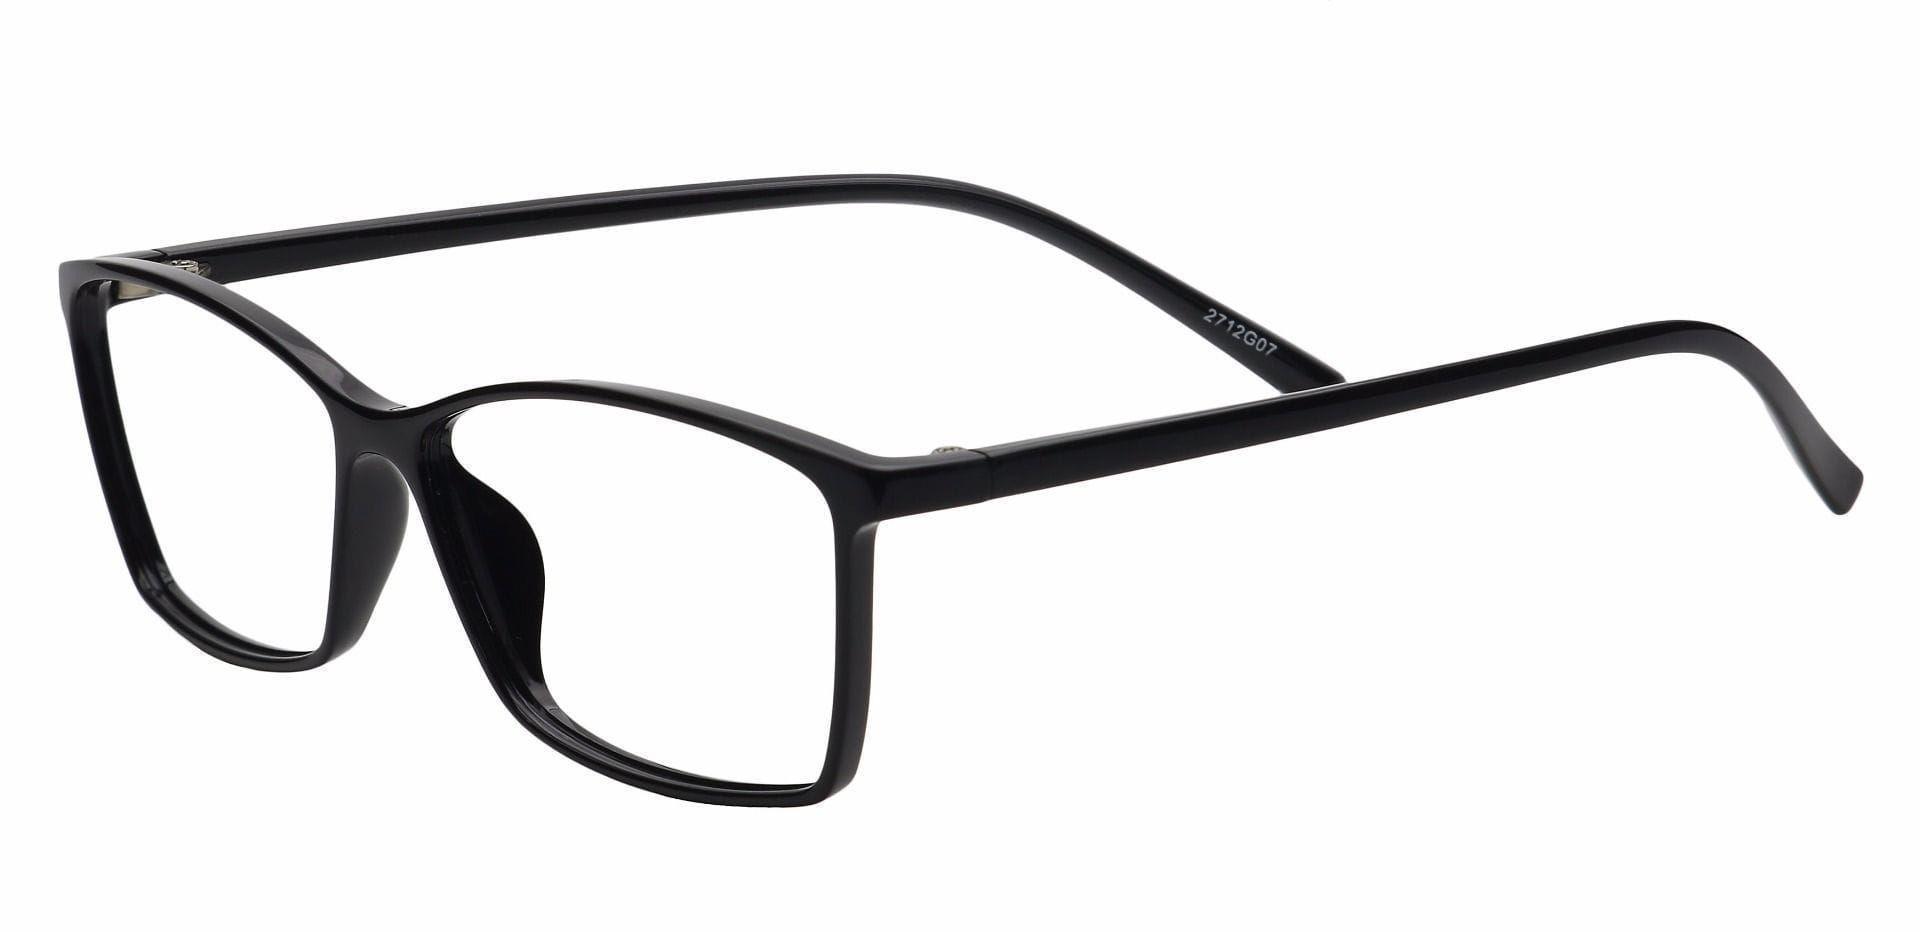 Align Rectangle Eyeglasses Frame - Gray